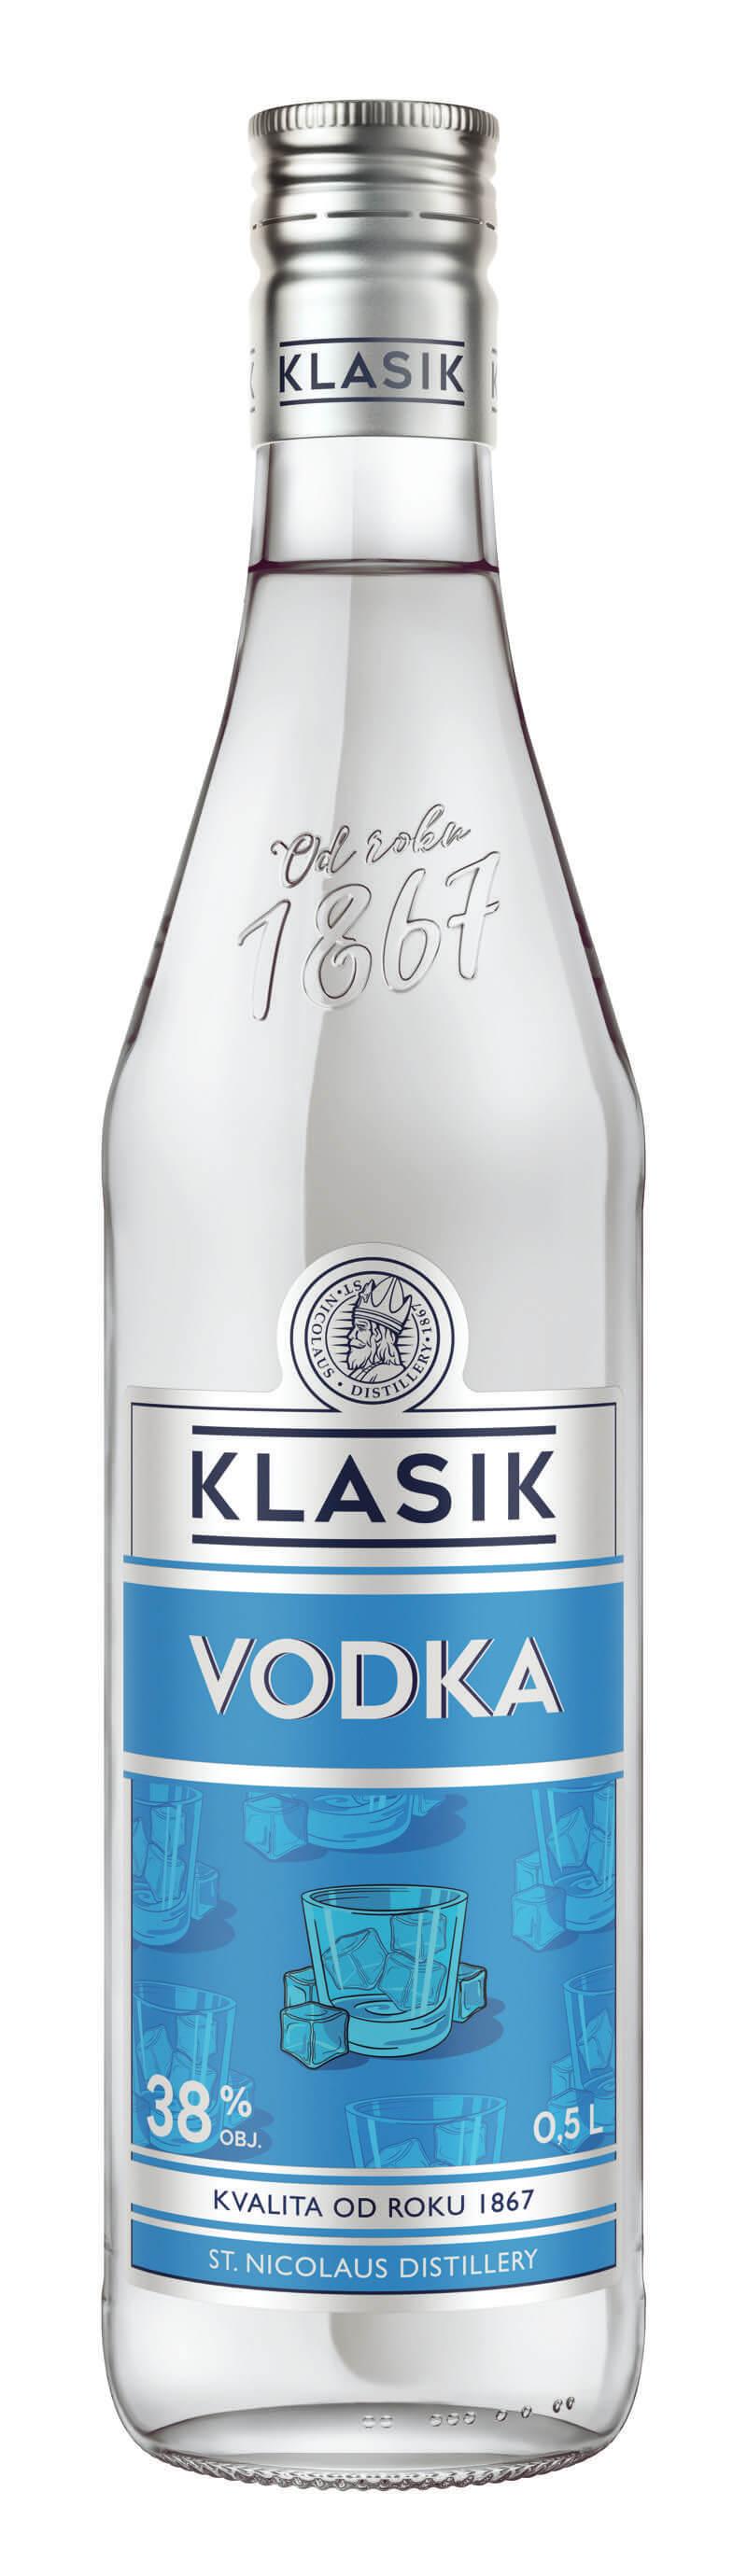 KLASIK Vodka 38% 0,5l